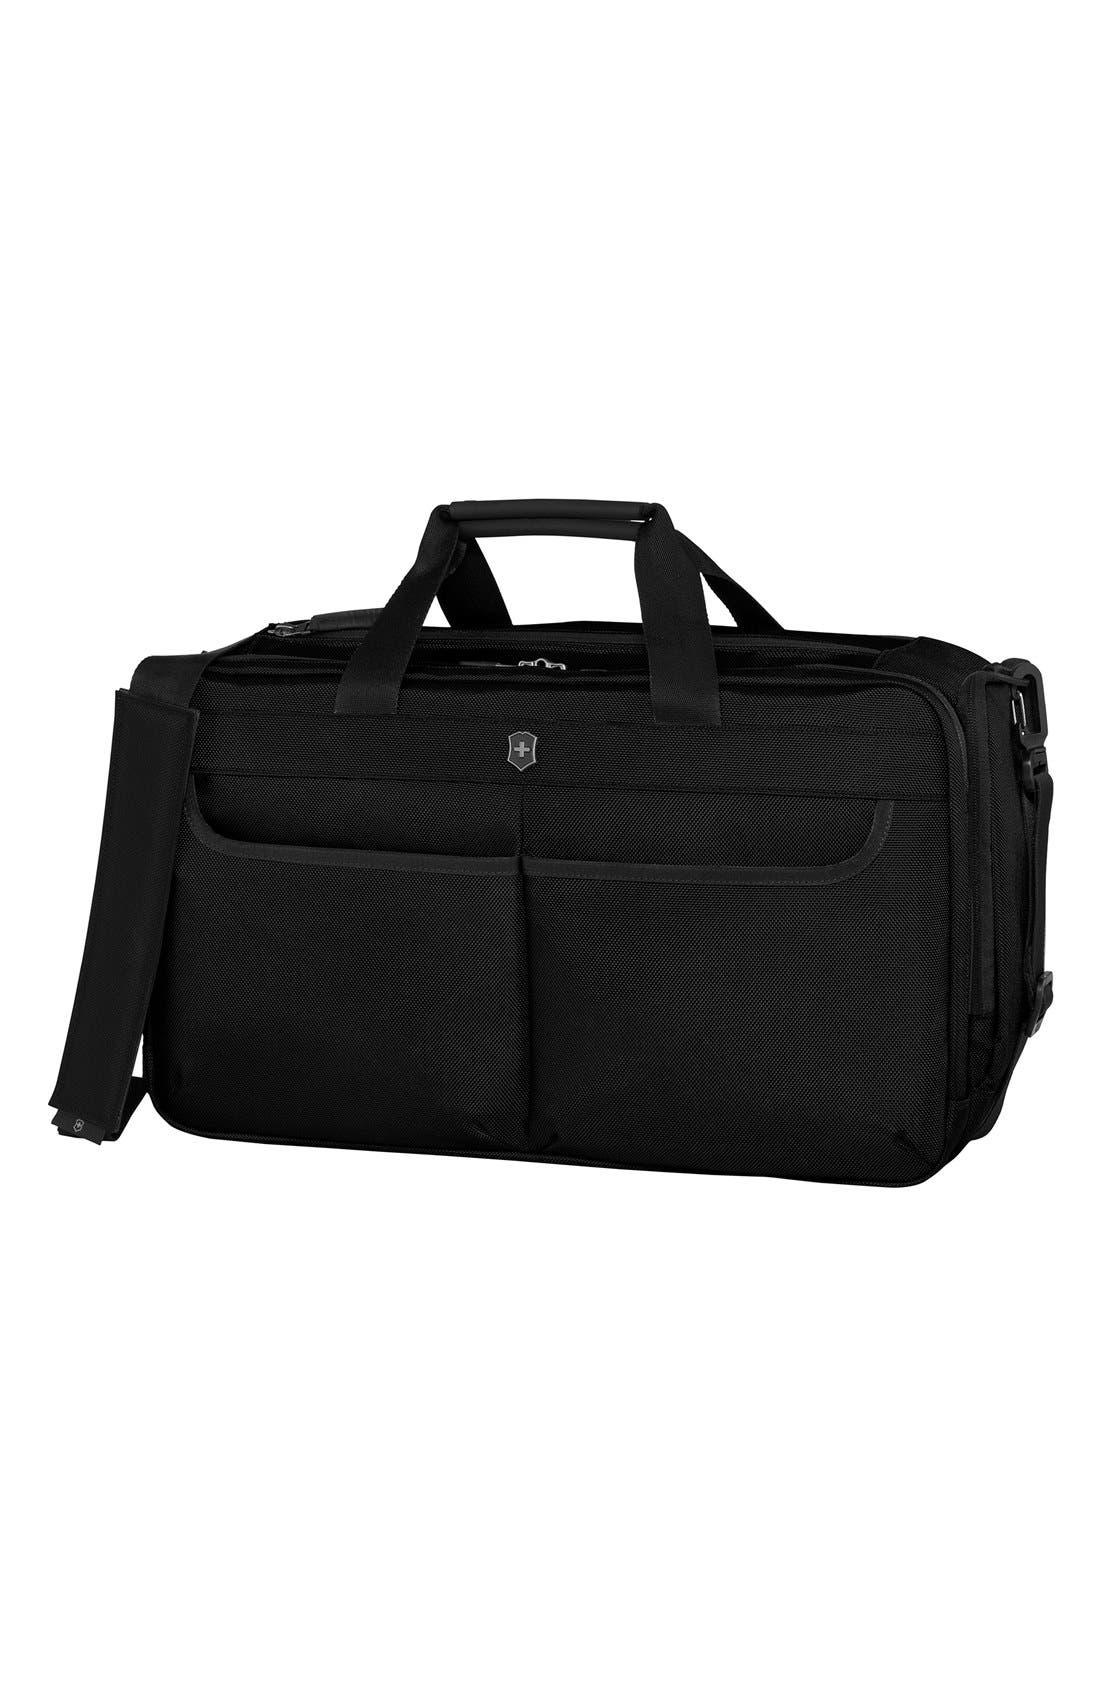 Victorinox Swiss Army® 'WT 5.0' Duffel Bag